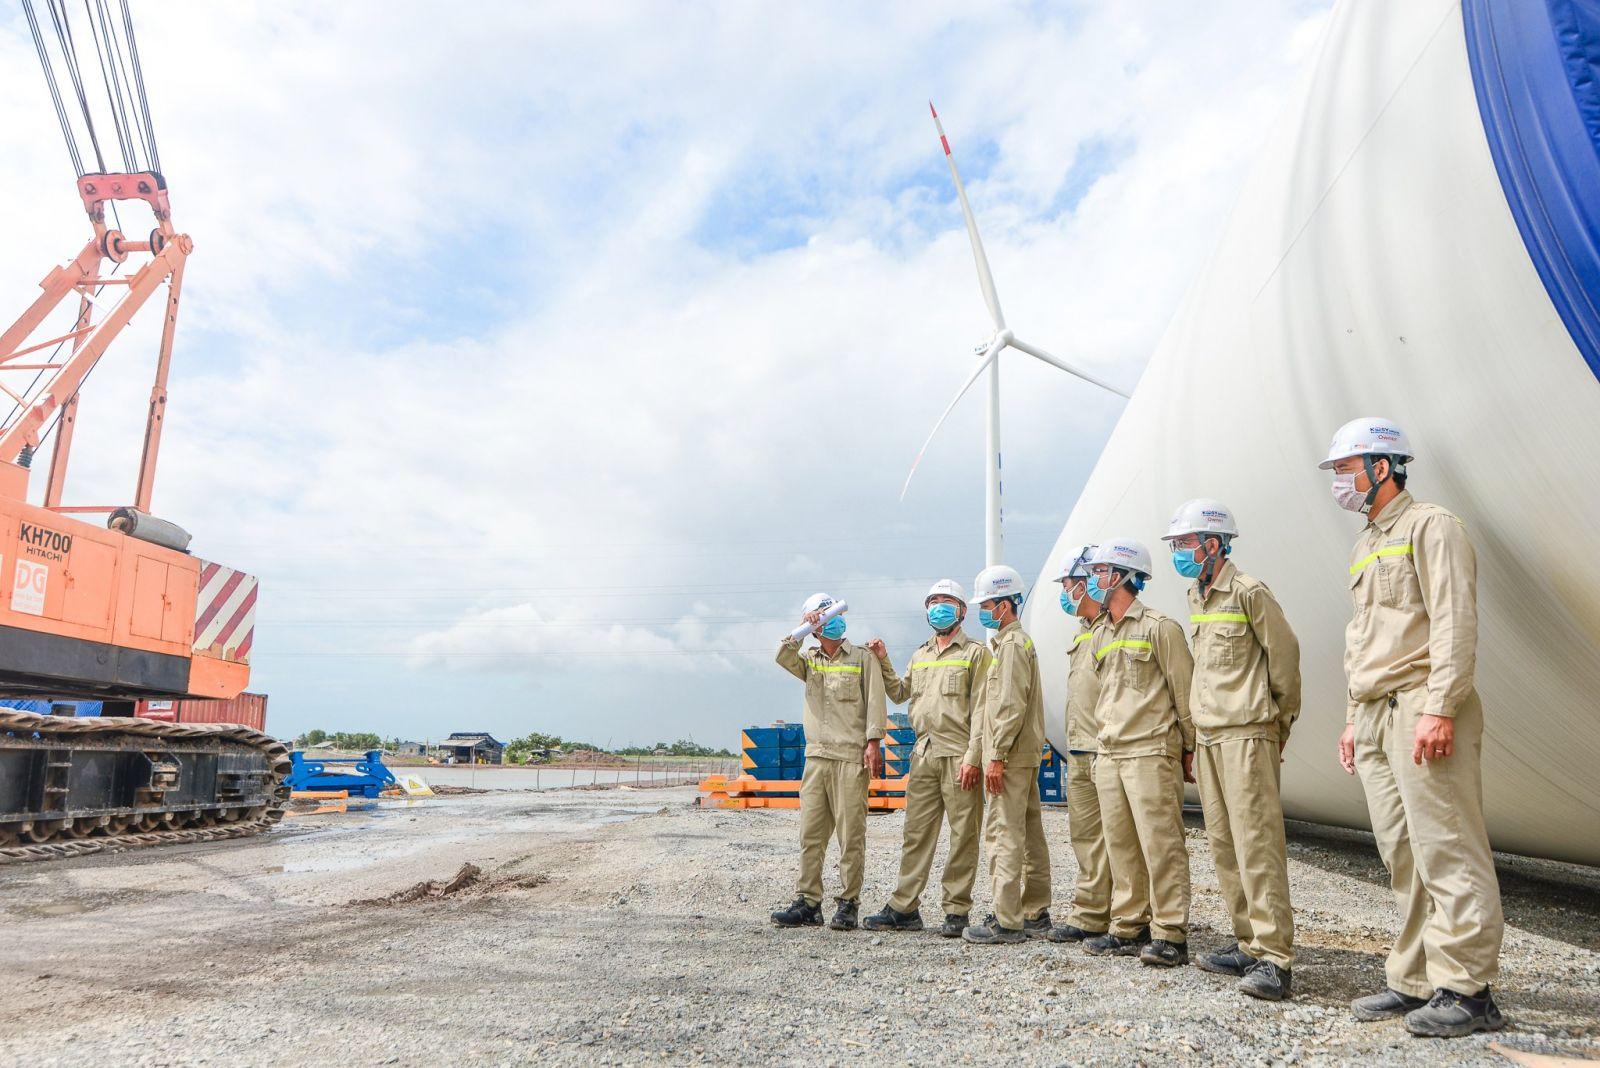 """Cán bộ dự án Điện gió Kosy Bạc Liêu thực hiện nguyên tắc """"3 tại chỗ"""" vừa tăng năng suất lao động vừa đảm bảo phòng chống dịch Covid-19."""